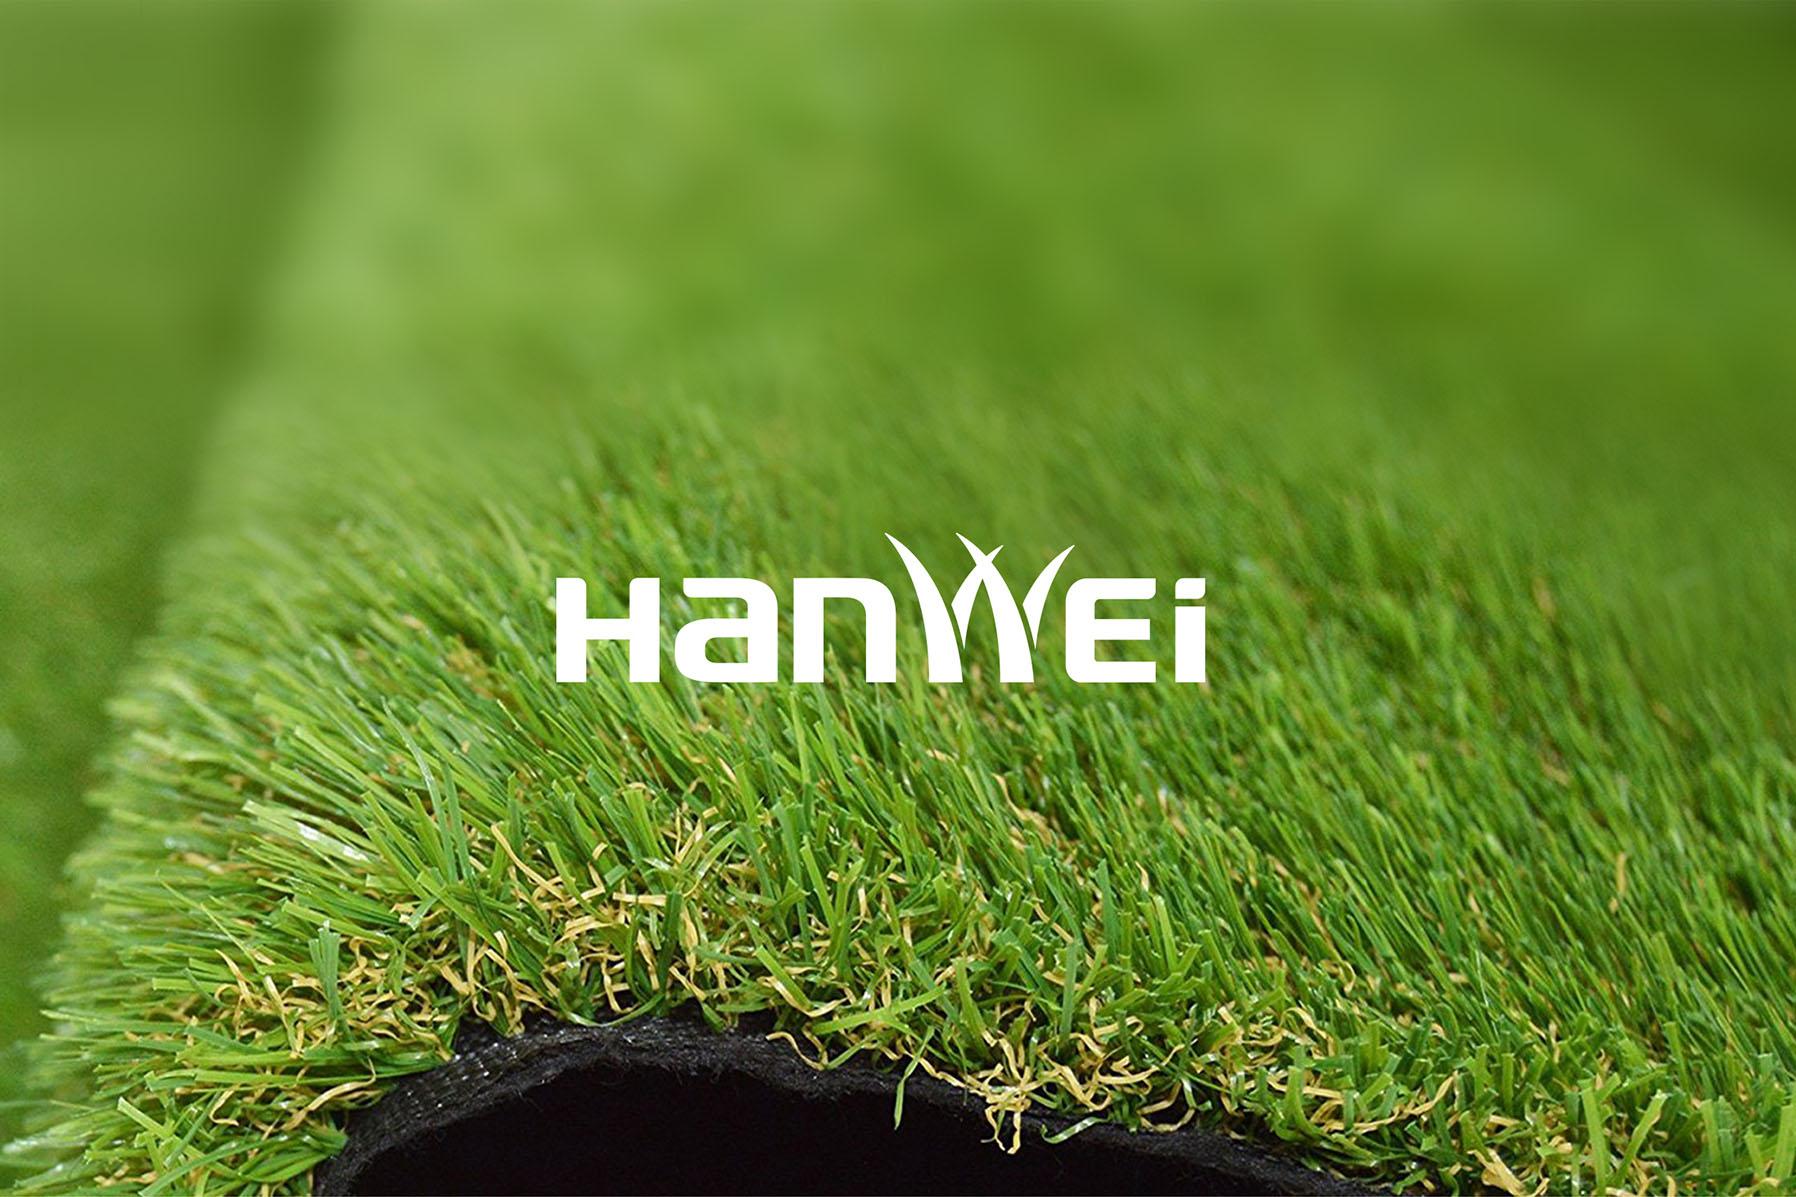 汉威草坪全案策划设计logo设计